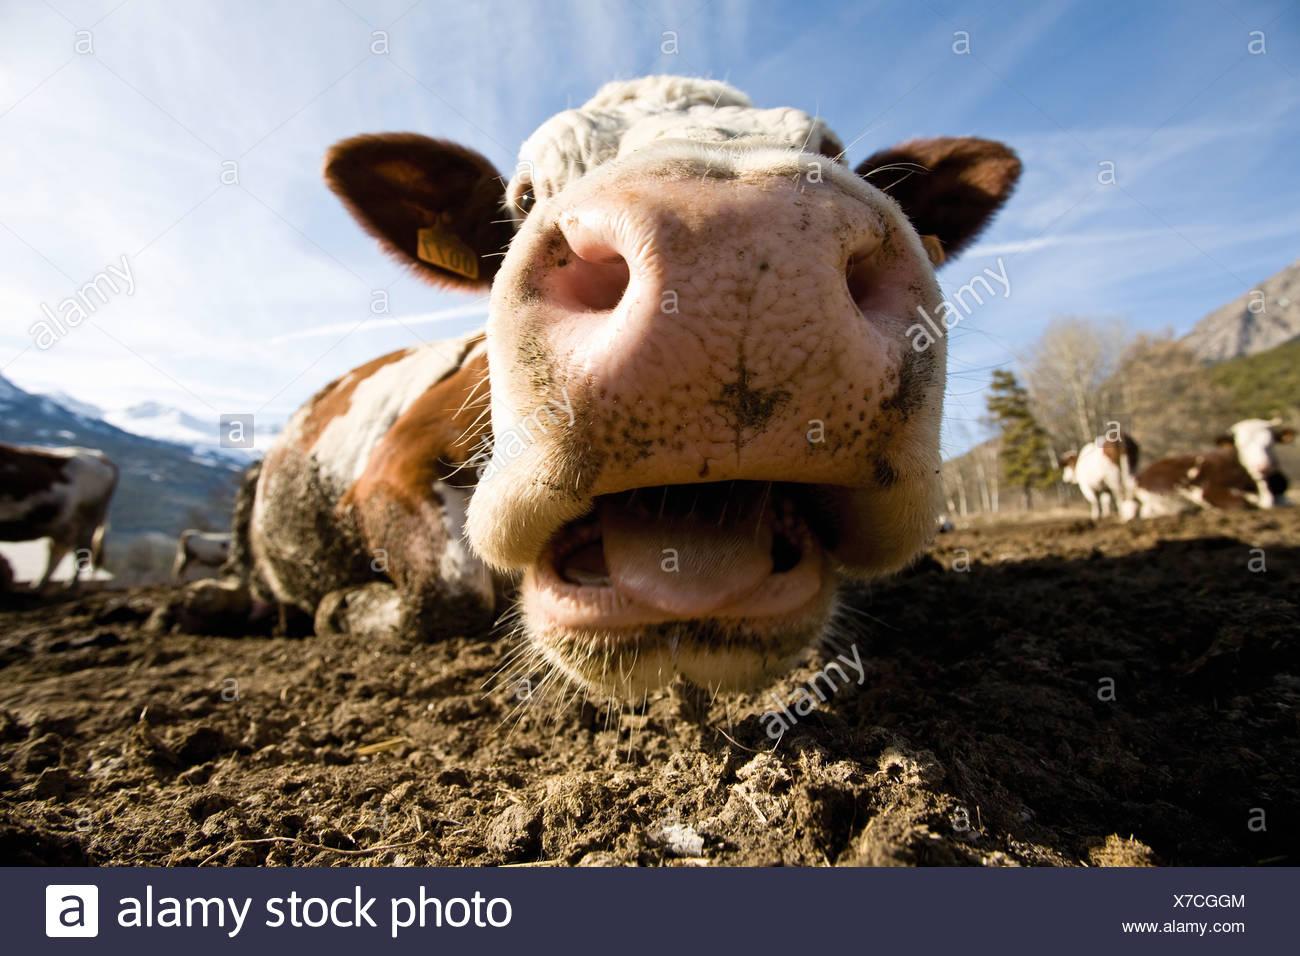 Hocico de vaca, close-up Foto de stock